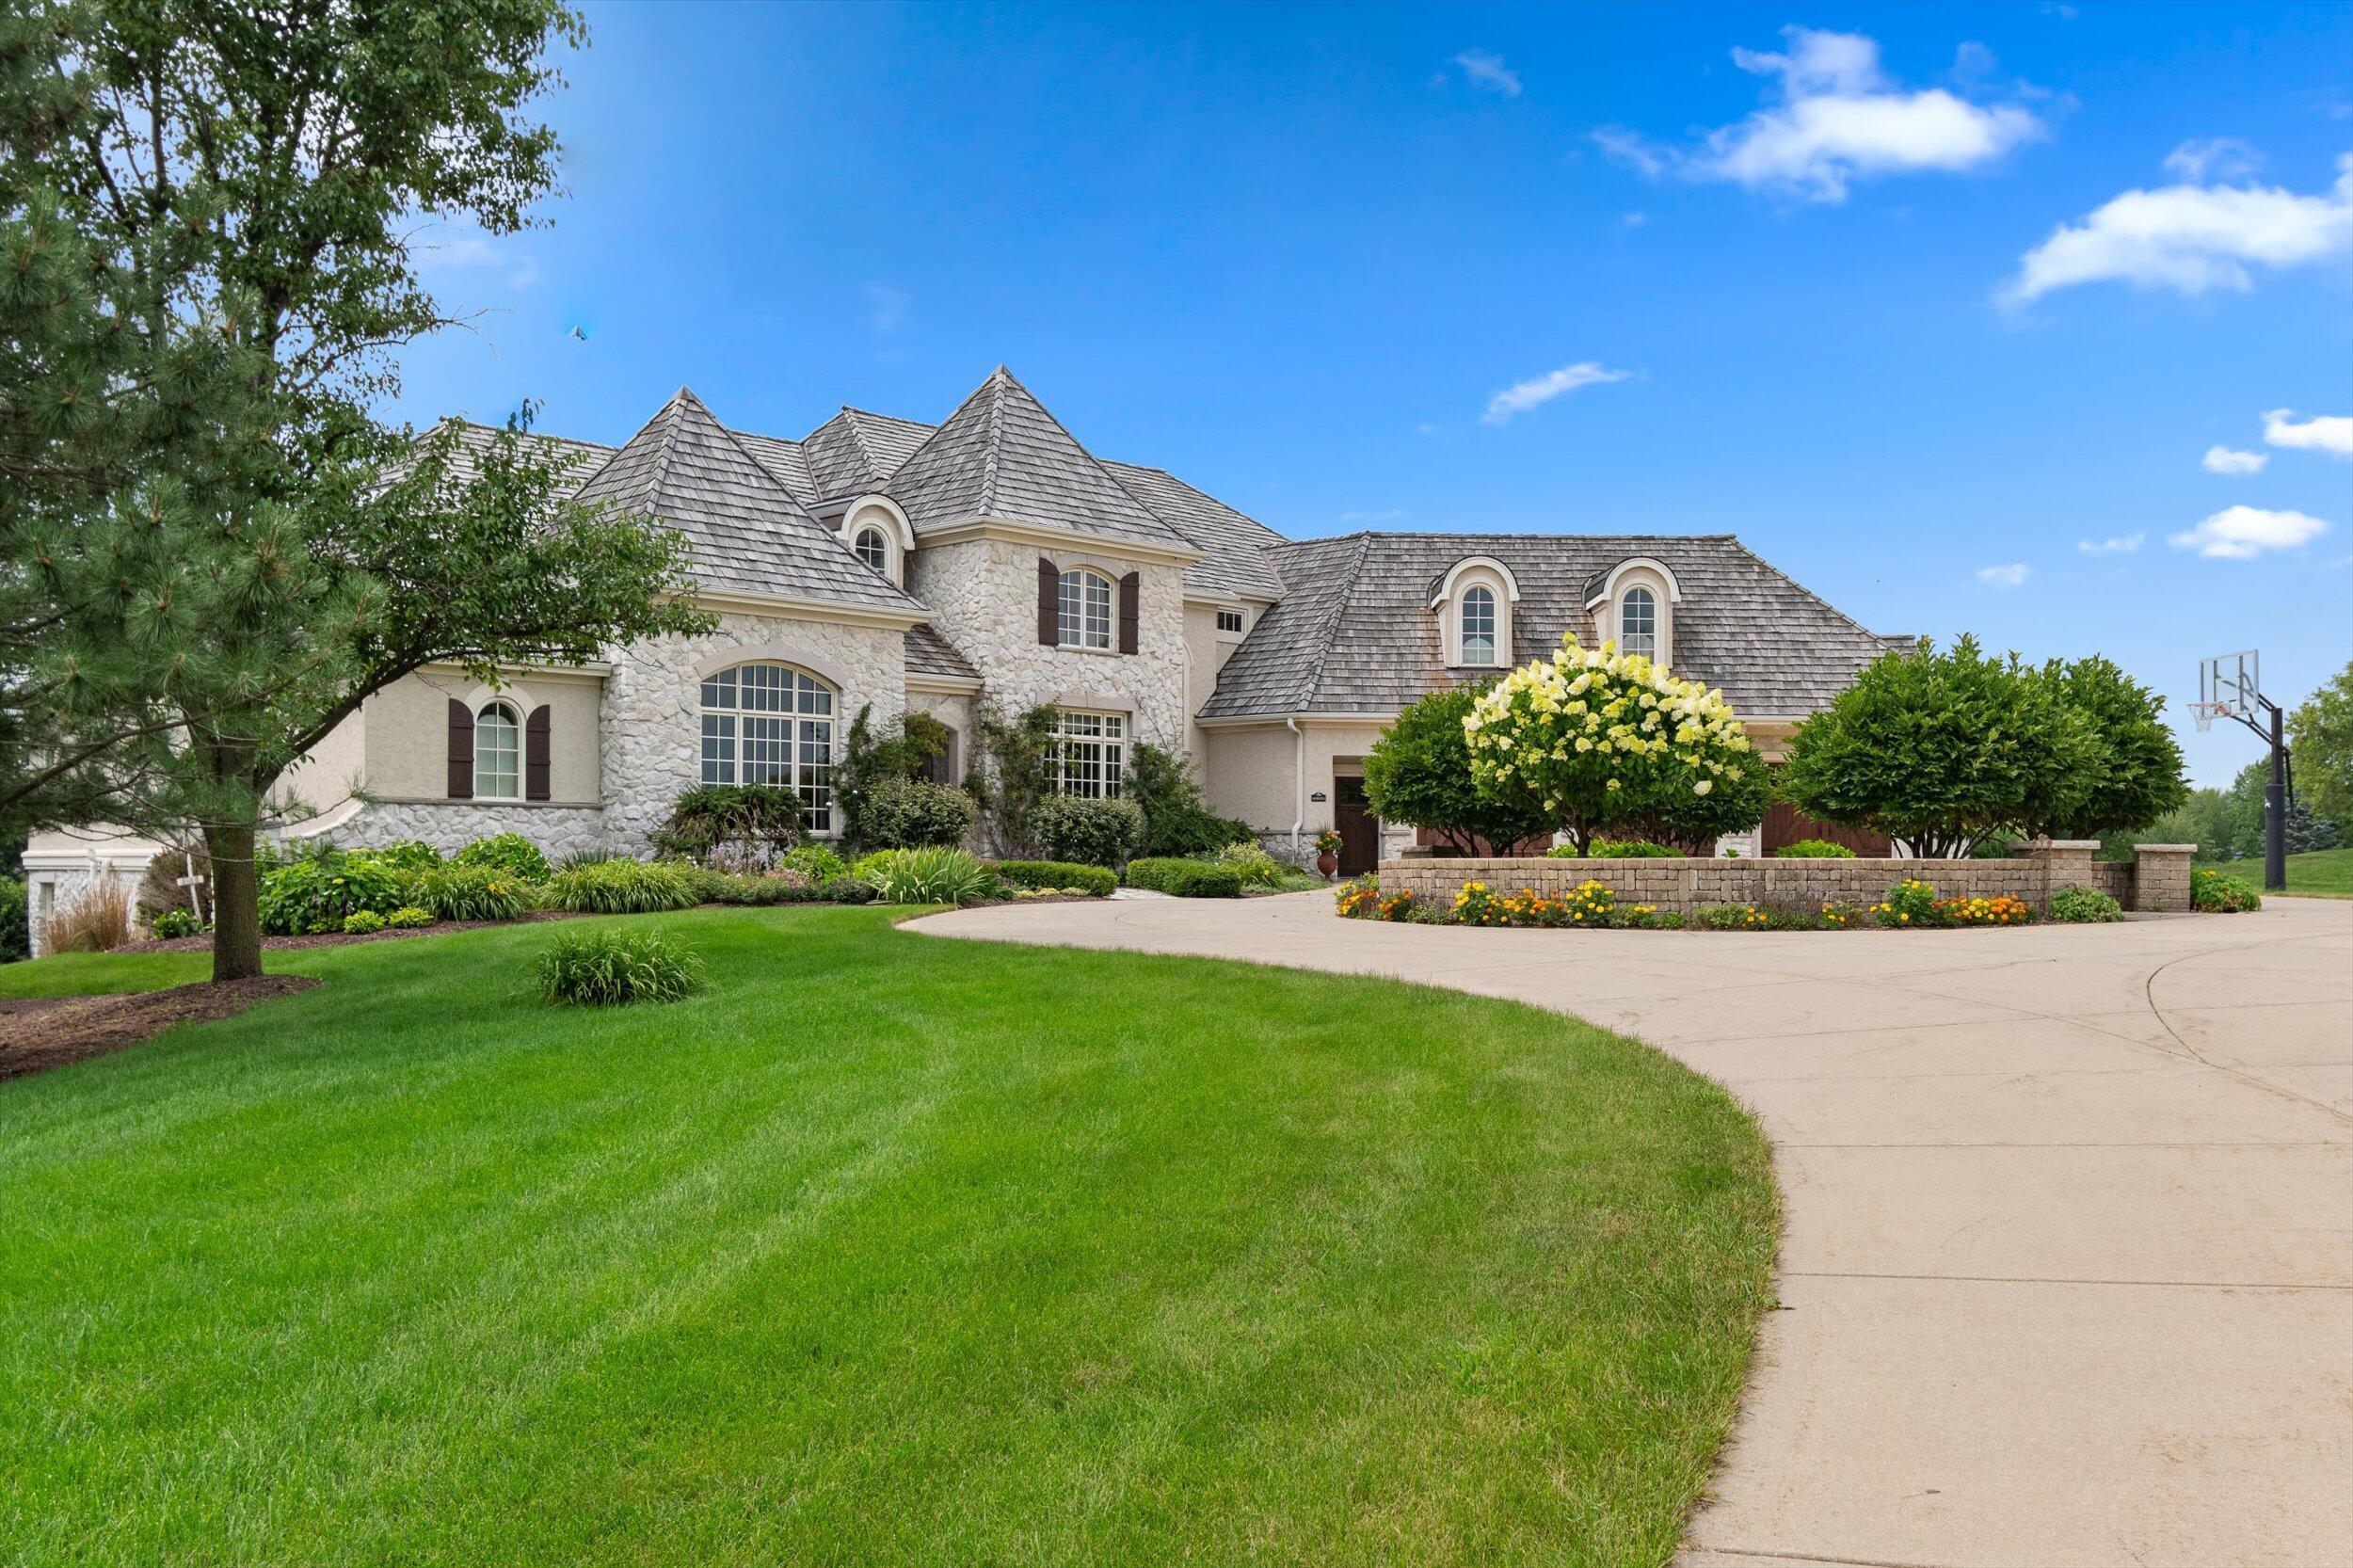 N84W36421 Riverwood Ln, Oconomowoc, Wisconsin 53066, 5 Bedrooms Bedrooms, 17 Rooms Rooms,4 BathroomsBathrooms,Single-Family,For Sale,Riverwood Ln,1754683